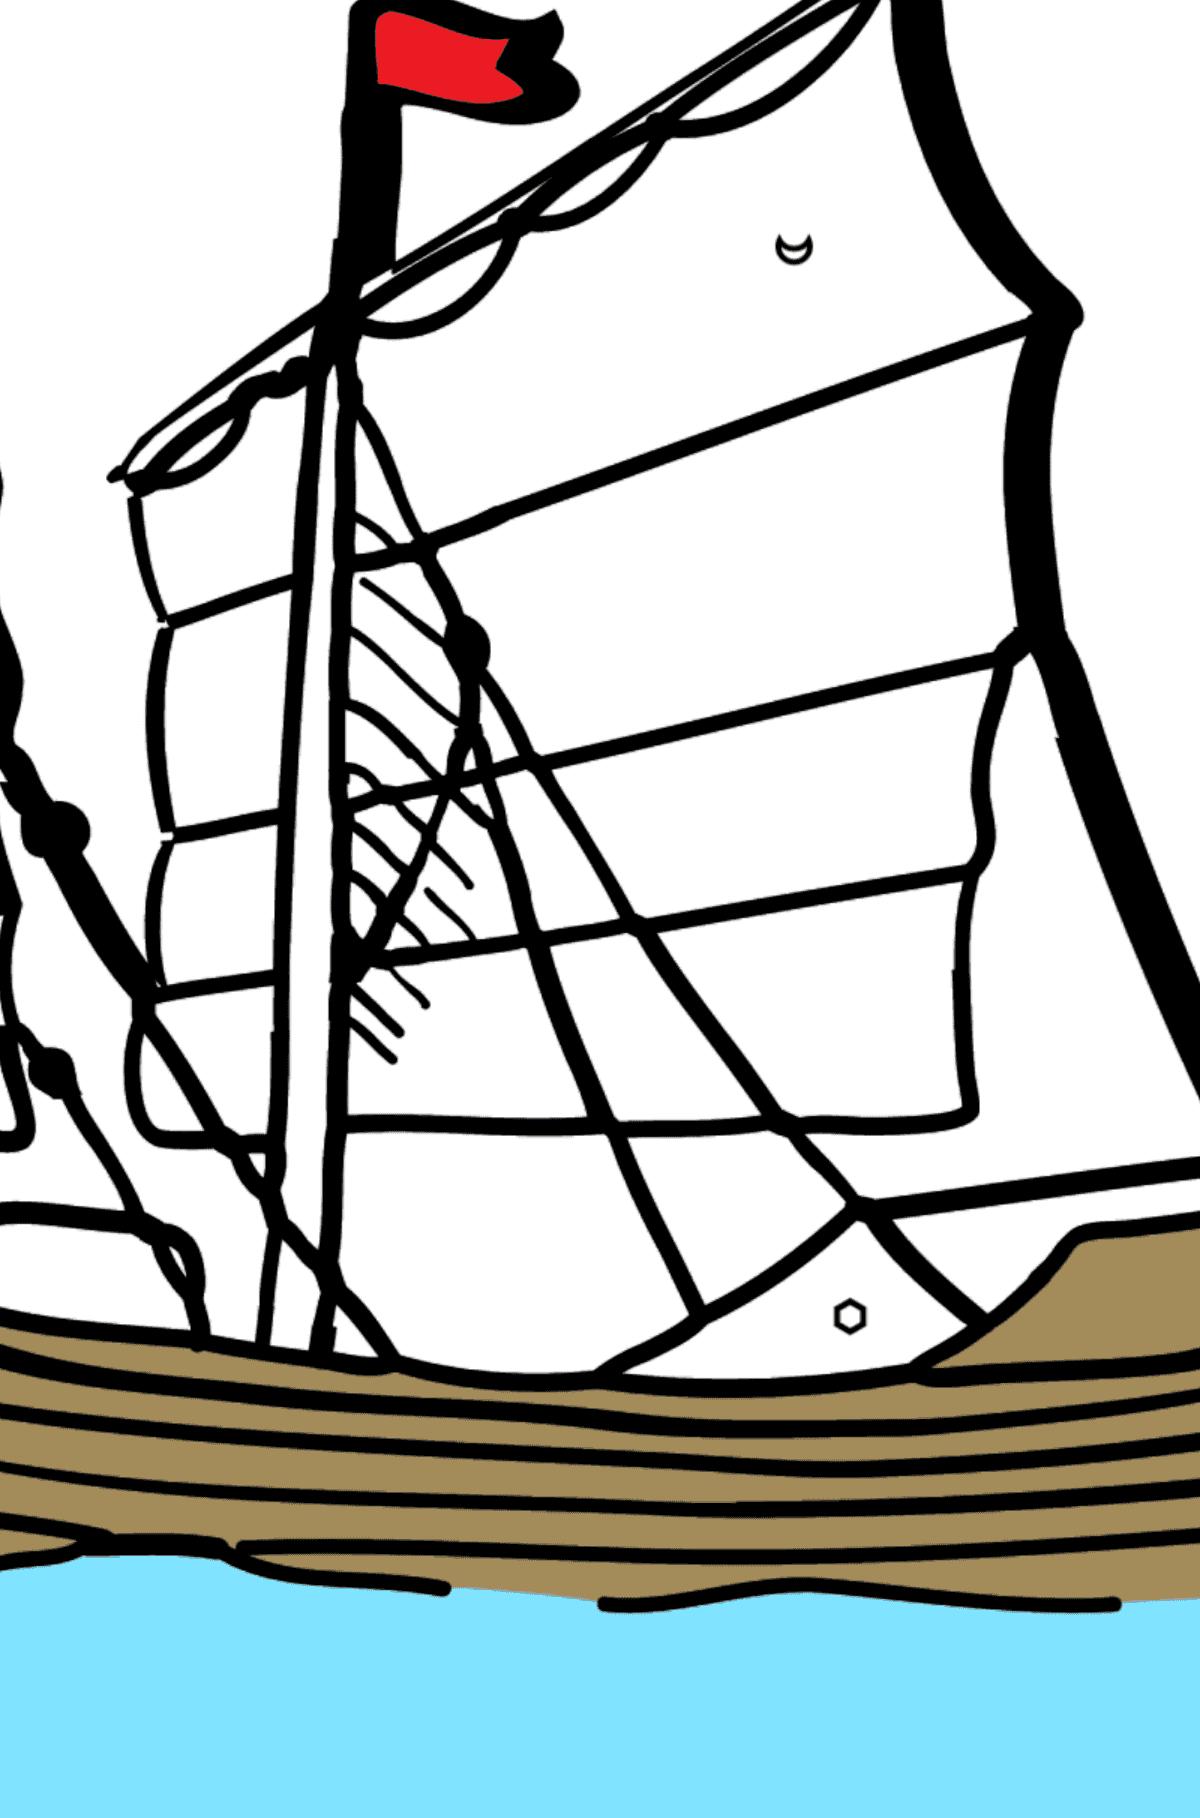 Раскраска трехмачтовый парусник - Раскраска по Символам и Геометрическим Фигурам для Детей